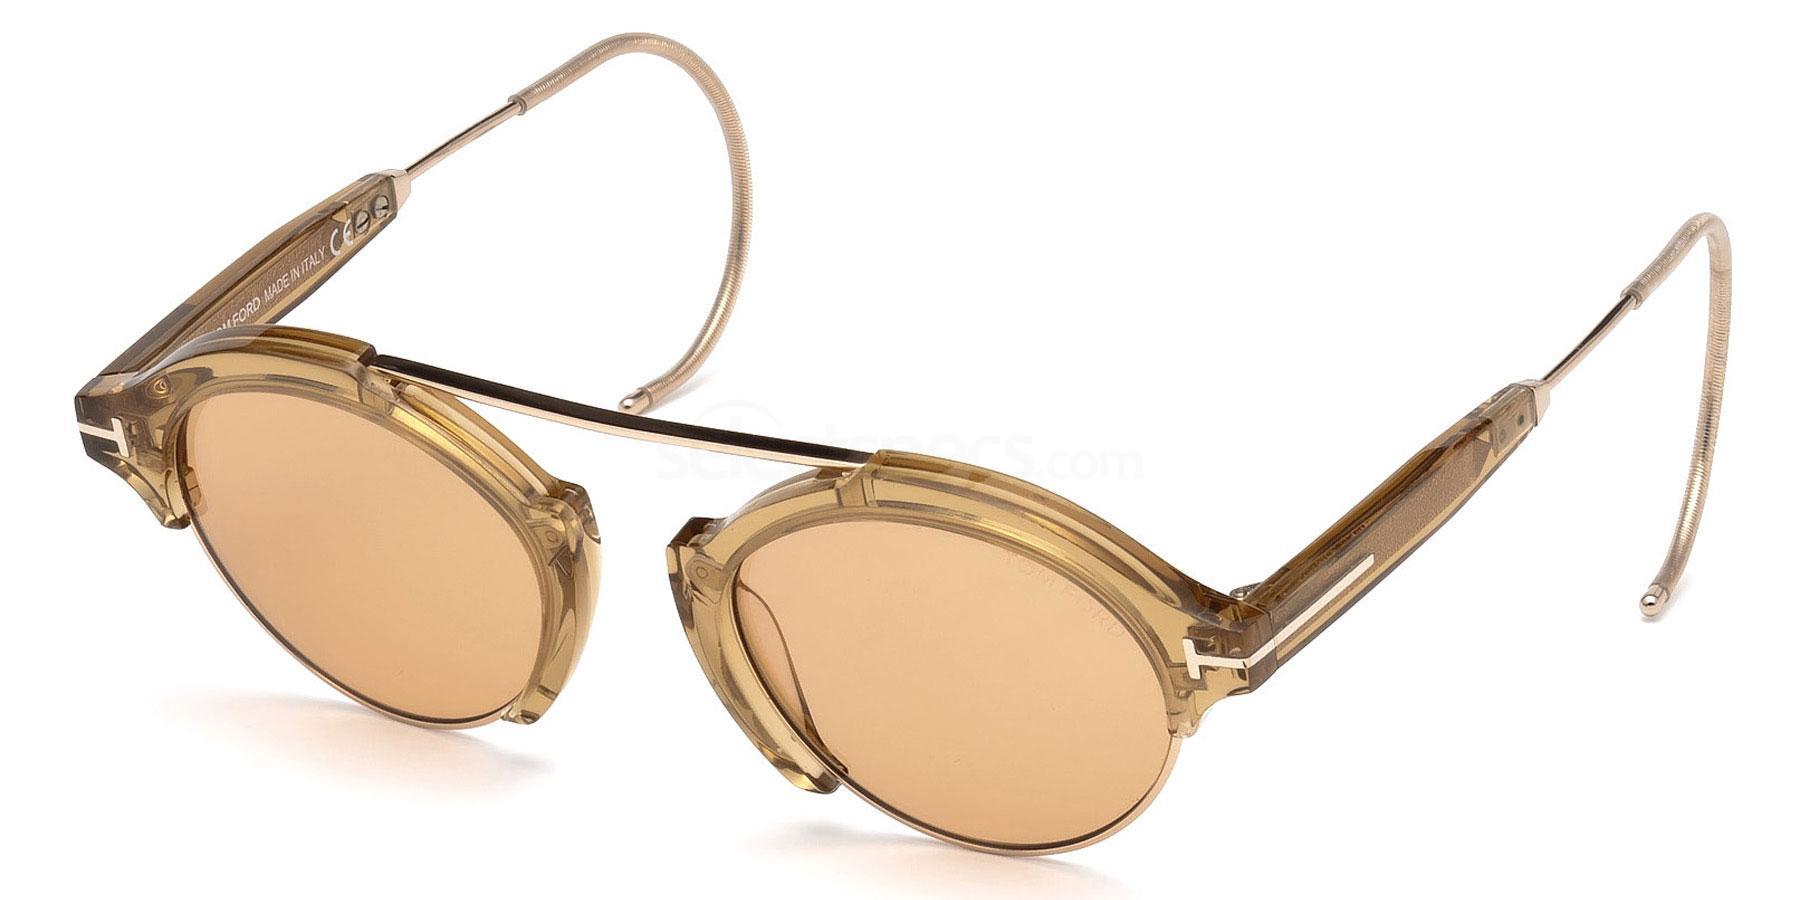 45E FT0631 Sunglasses, Tom Ford